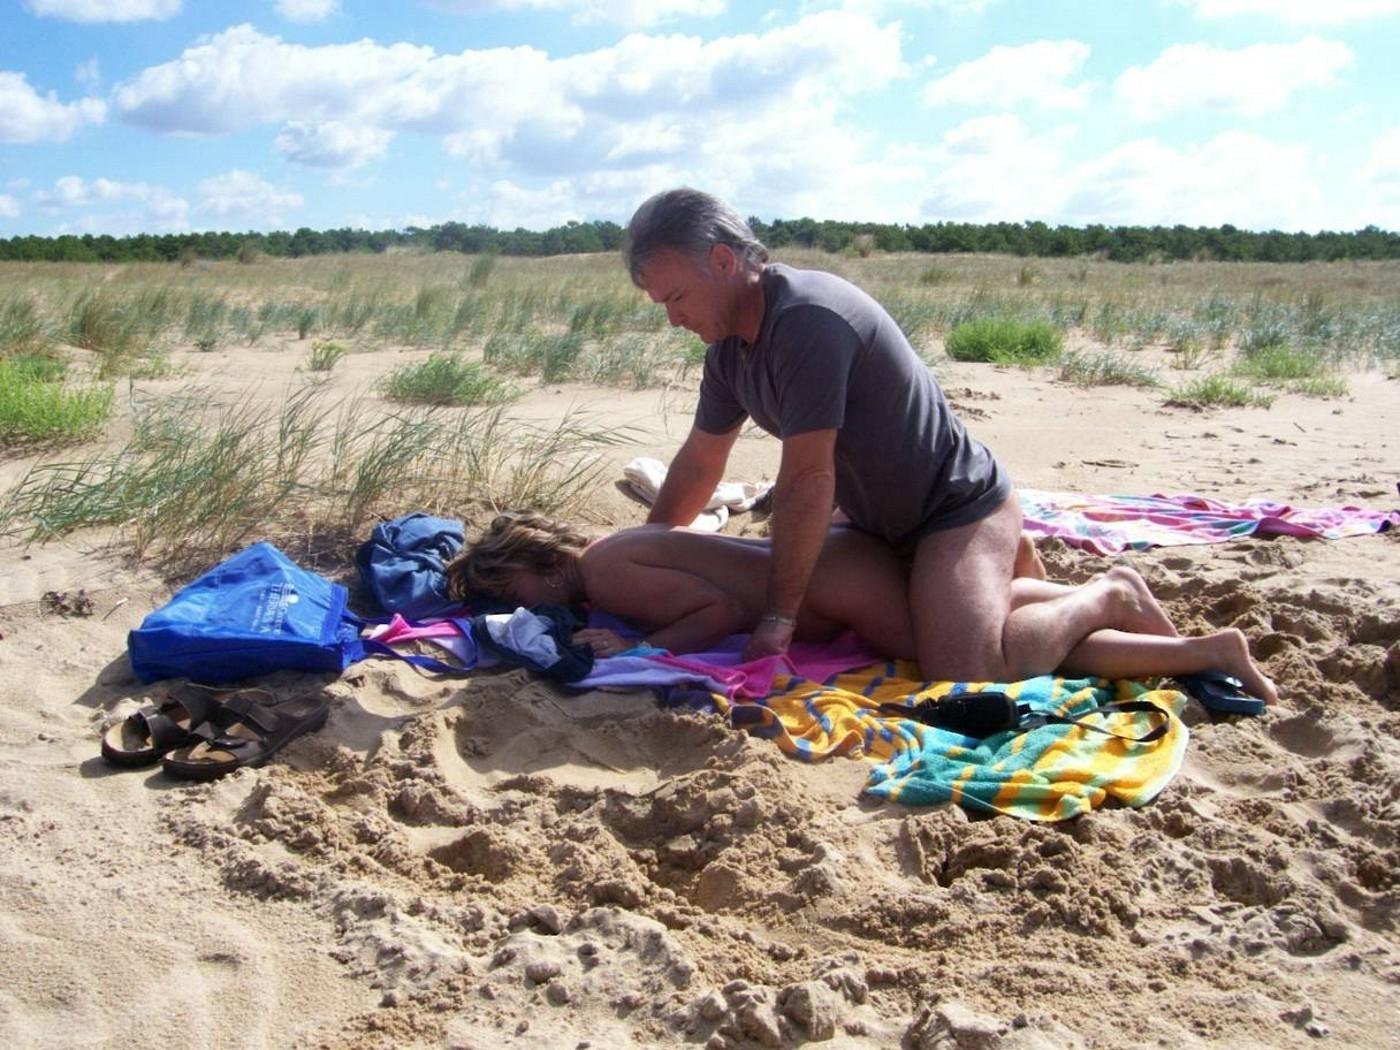 【ヌーディスト・ビーチでセクロス】『わっぱくすぎるだろw』人目も気のせず野外でセックスしちゃう海外ポルノエロ画像wwwww 3 51